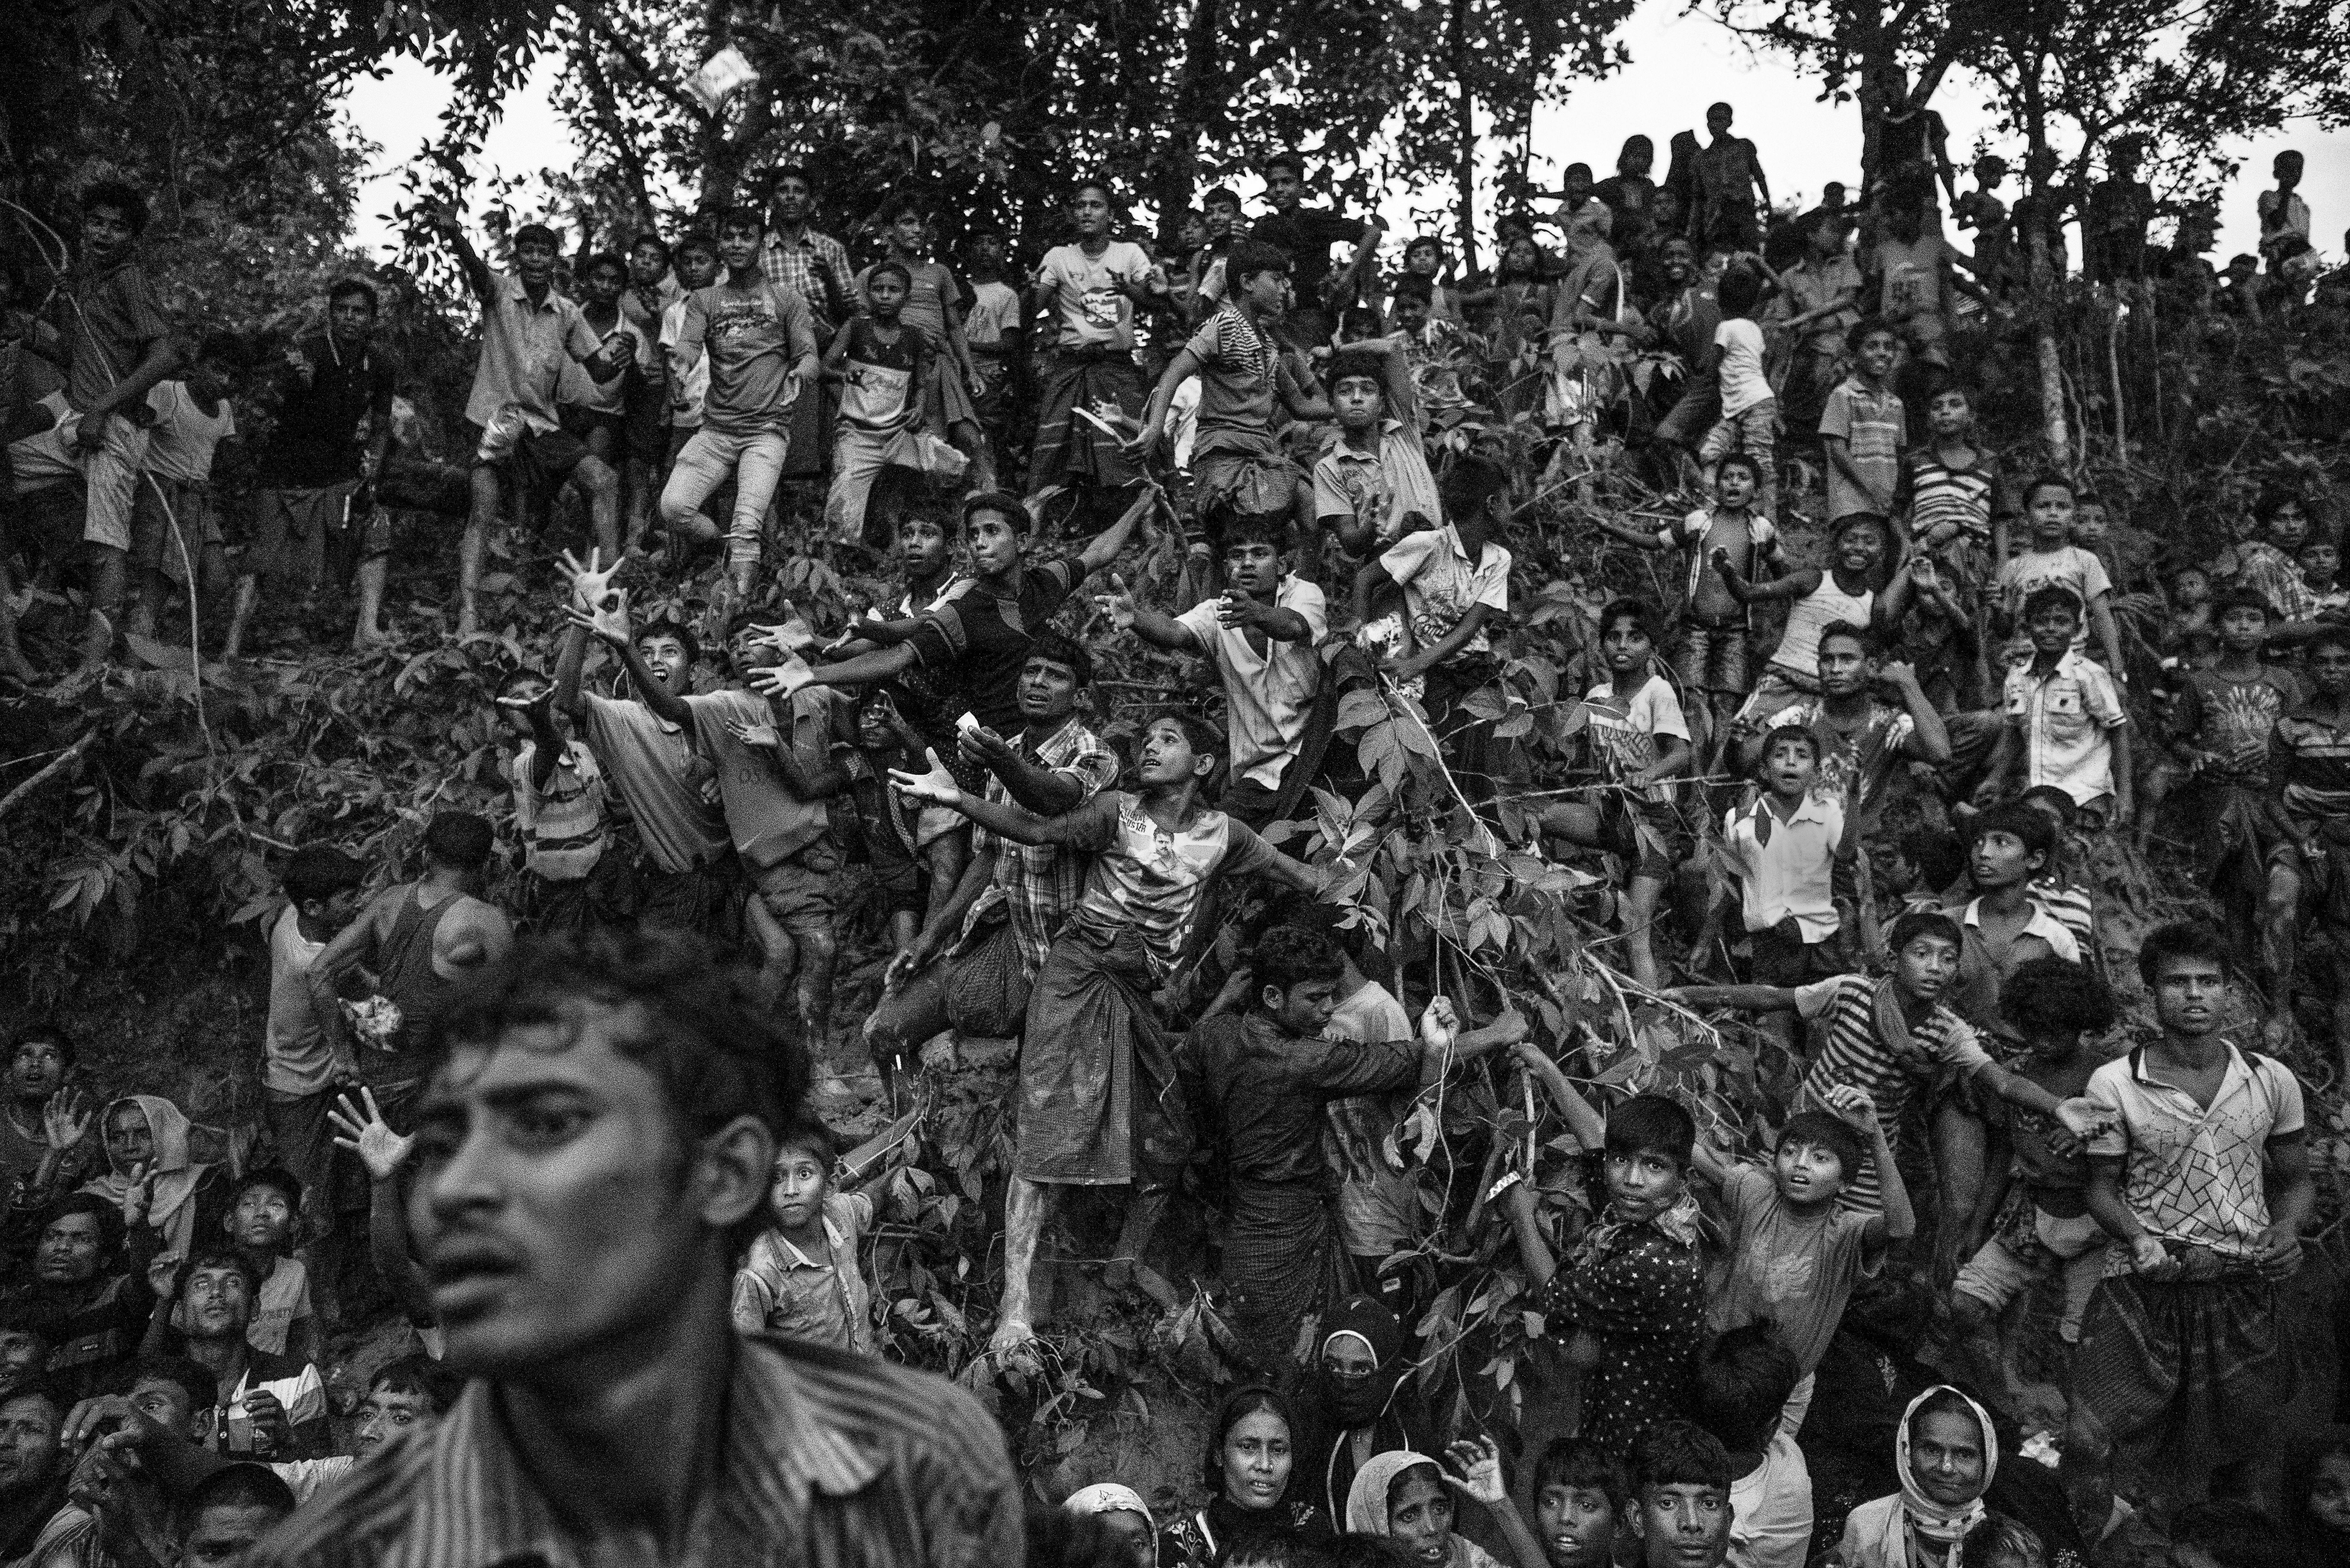 La desesperada espera de comida en el campo de refugiados de Balukali, en Cox's Bazar, Bangladesh(Kevin Frayer/Getty Images)